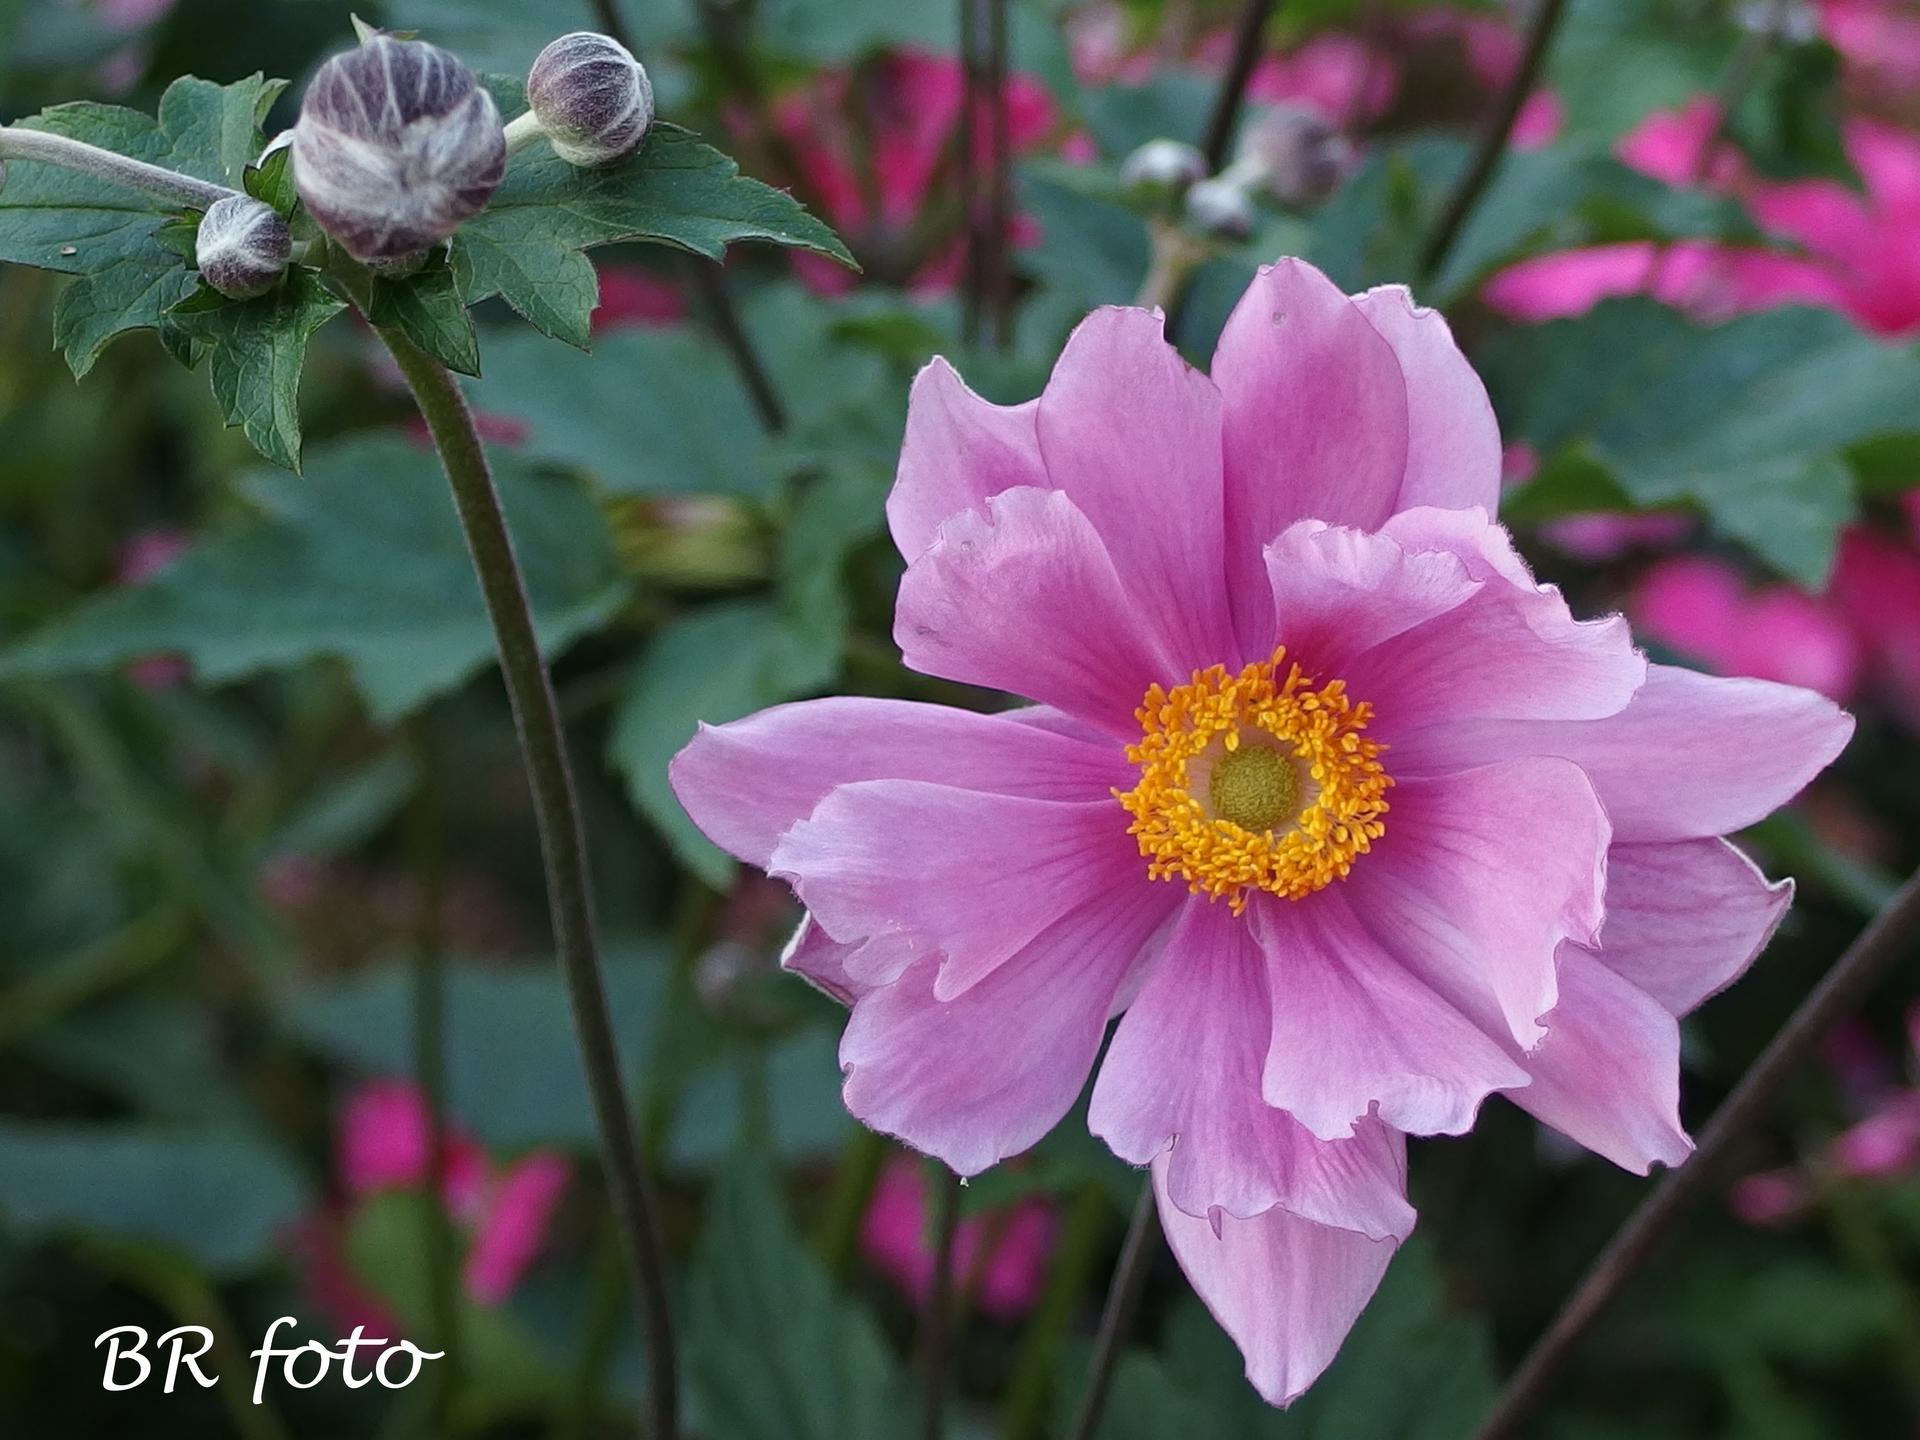 Zahrada v létě - plnokvětý kultivar sasanky japonské má květů méně, ale jsou větší a výraznější